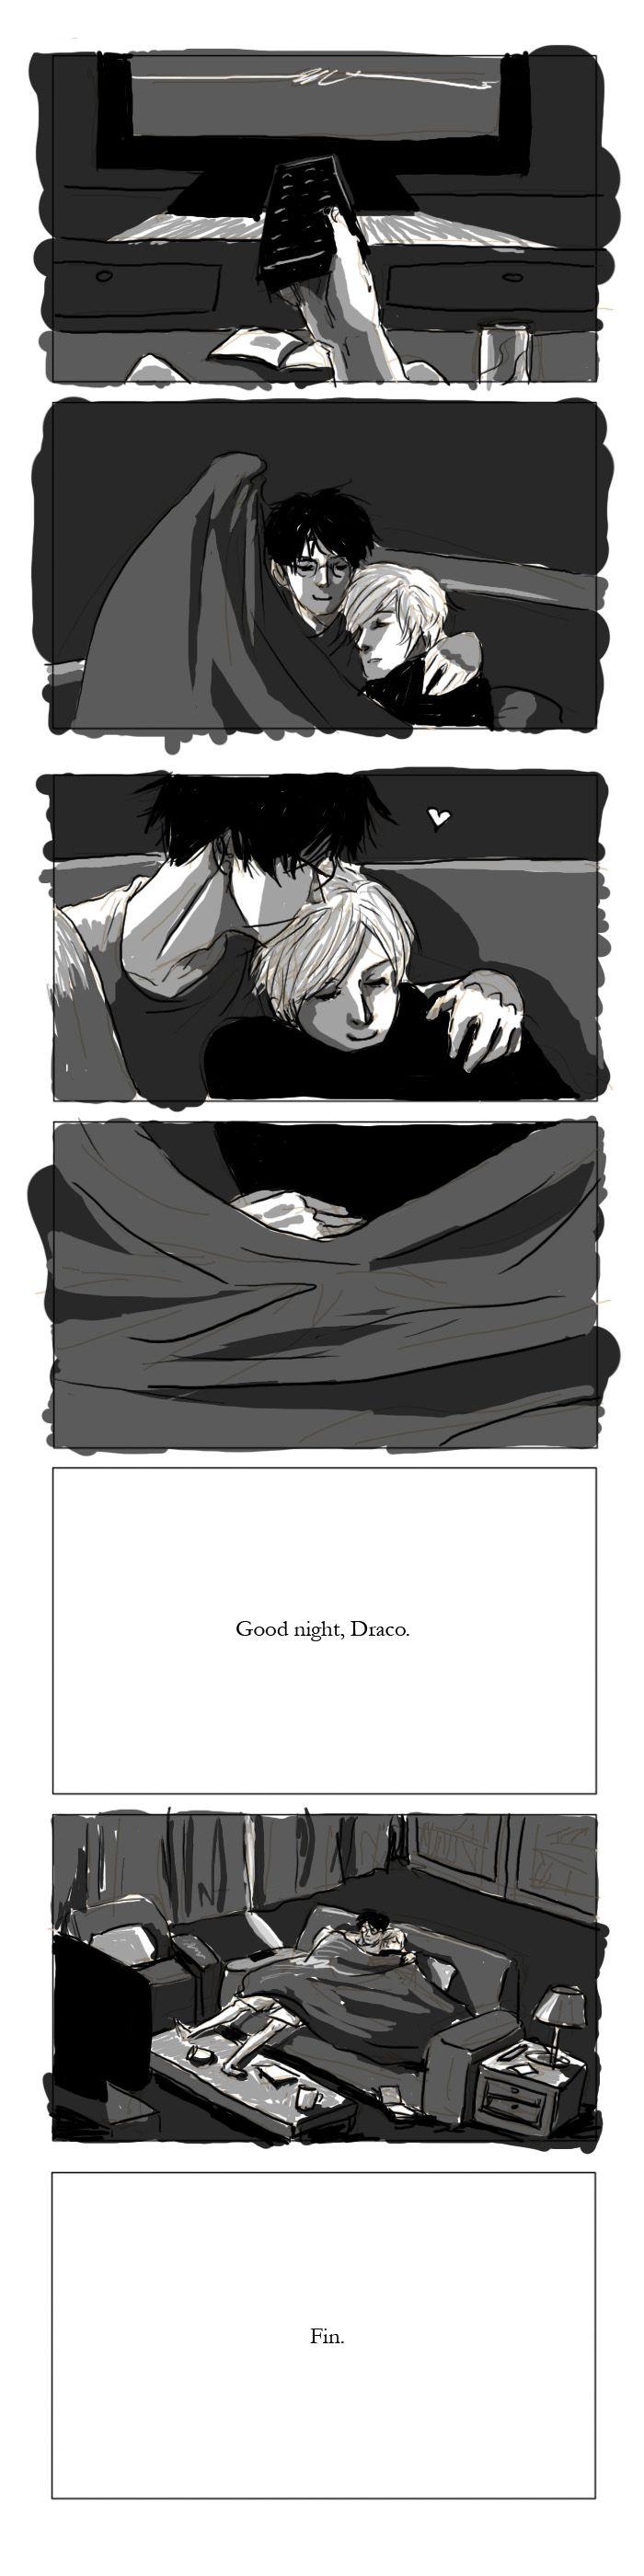 Good Night, Draco - Part II by alteregopi.deviantart.com on @DeviantArt